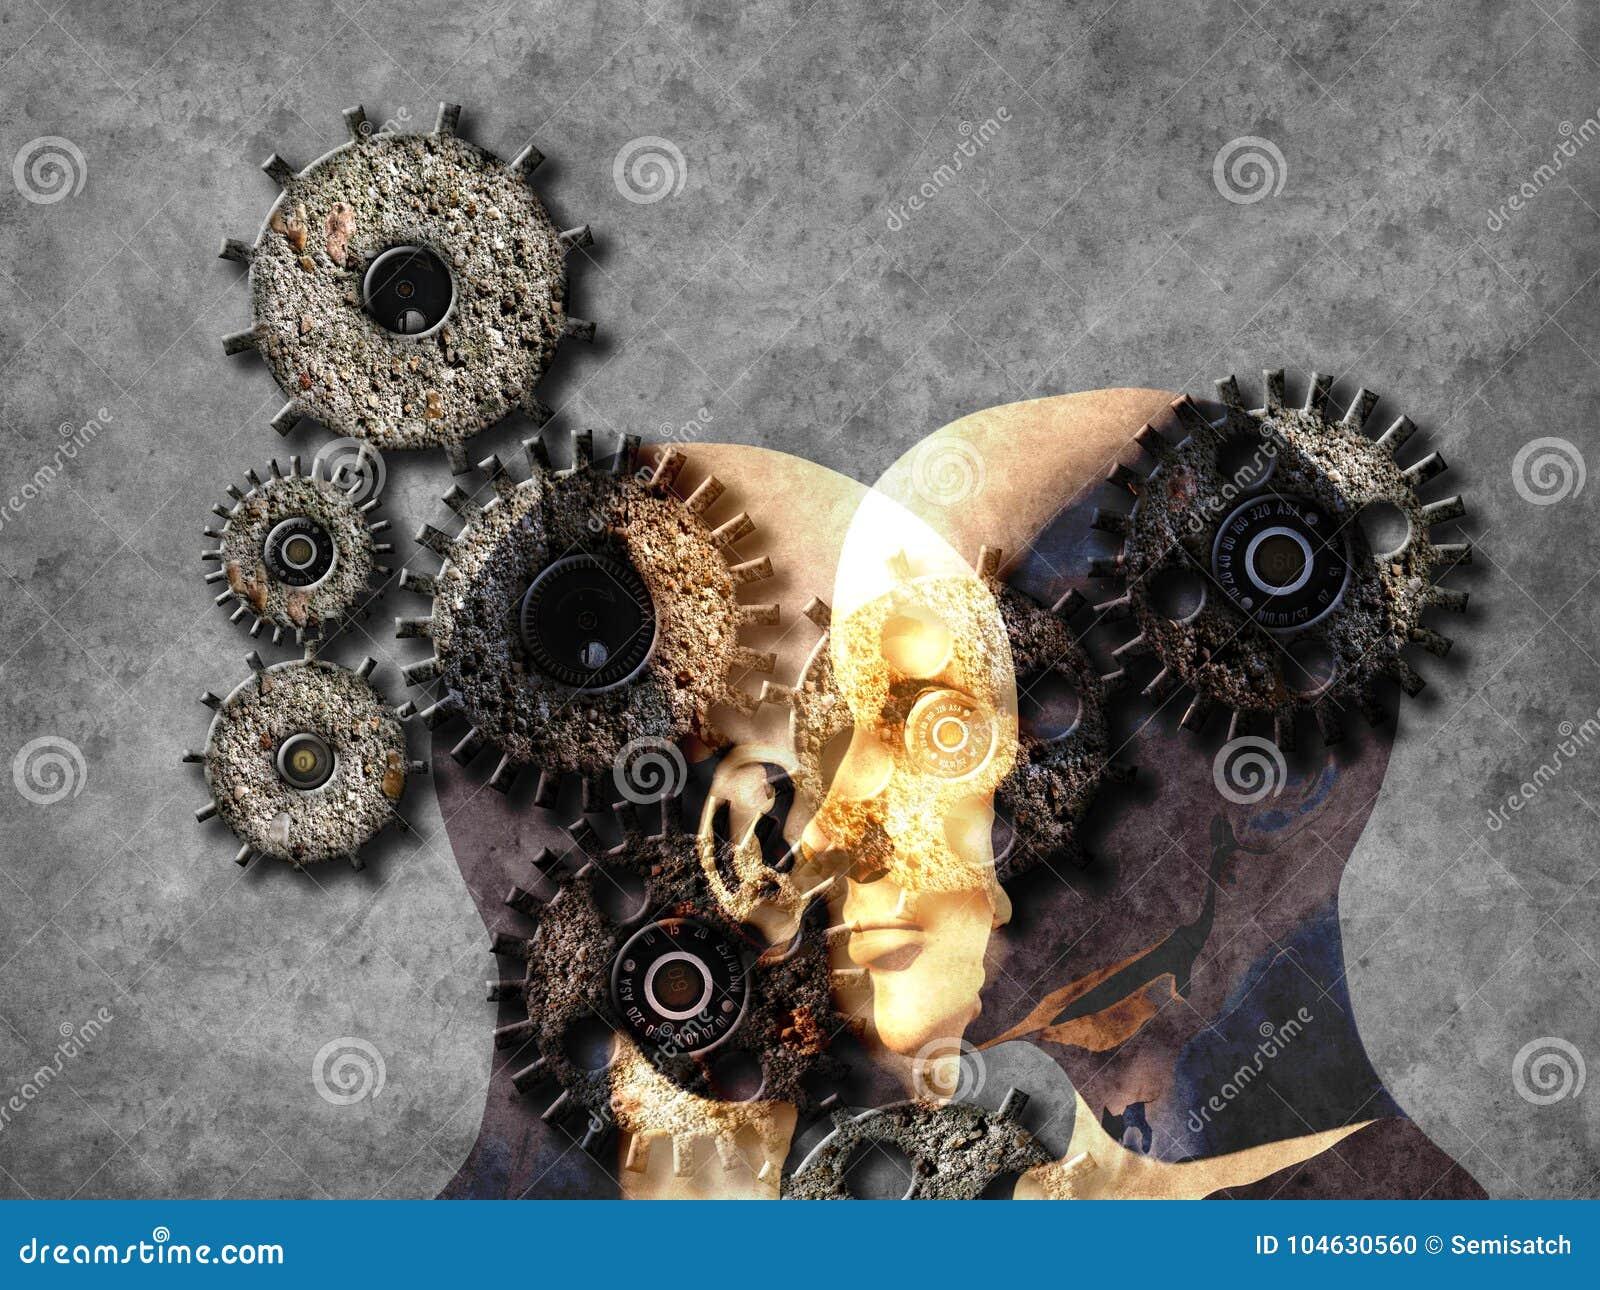 Download Concept Machine Die Kunstmatige Intelligentie Leren Te Verbeteren Stock Illustratie - Illustratie bestaande uit aansluting, diep: 104630560